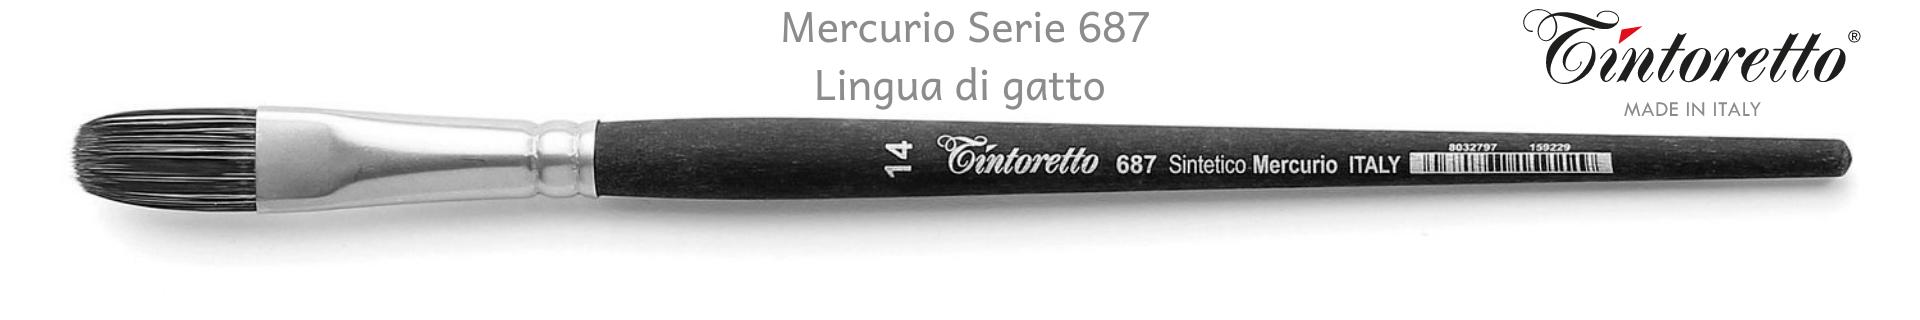 Tintoretto Mercurio 687 Lingua di Gatto